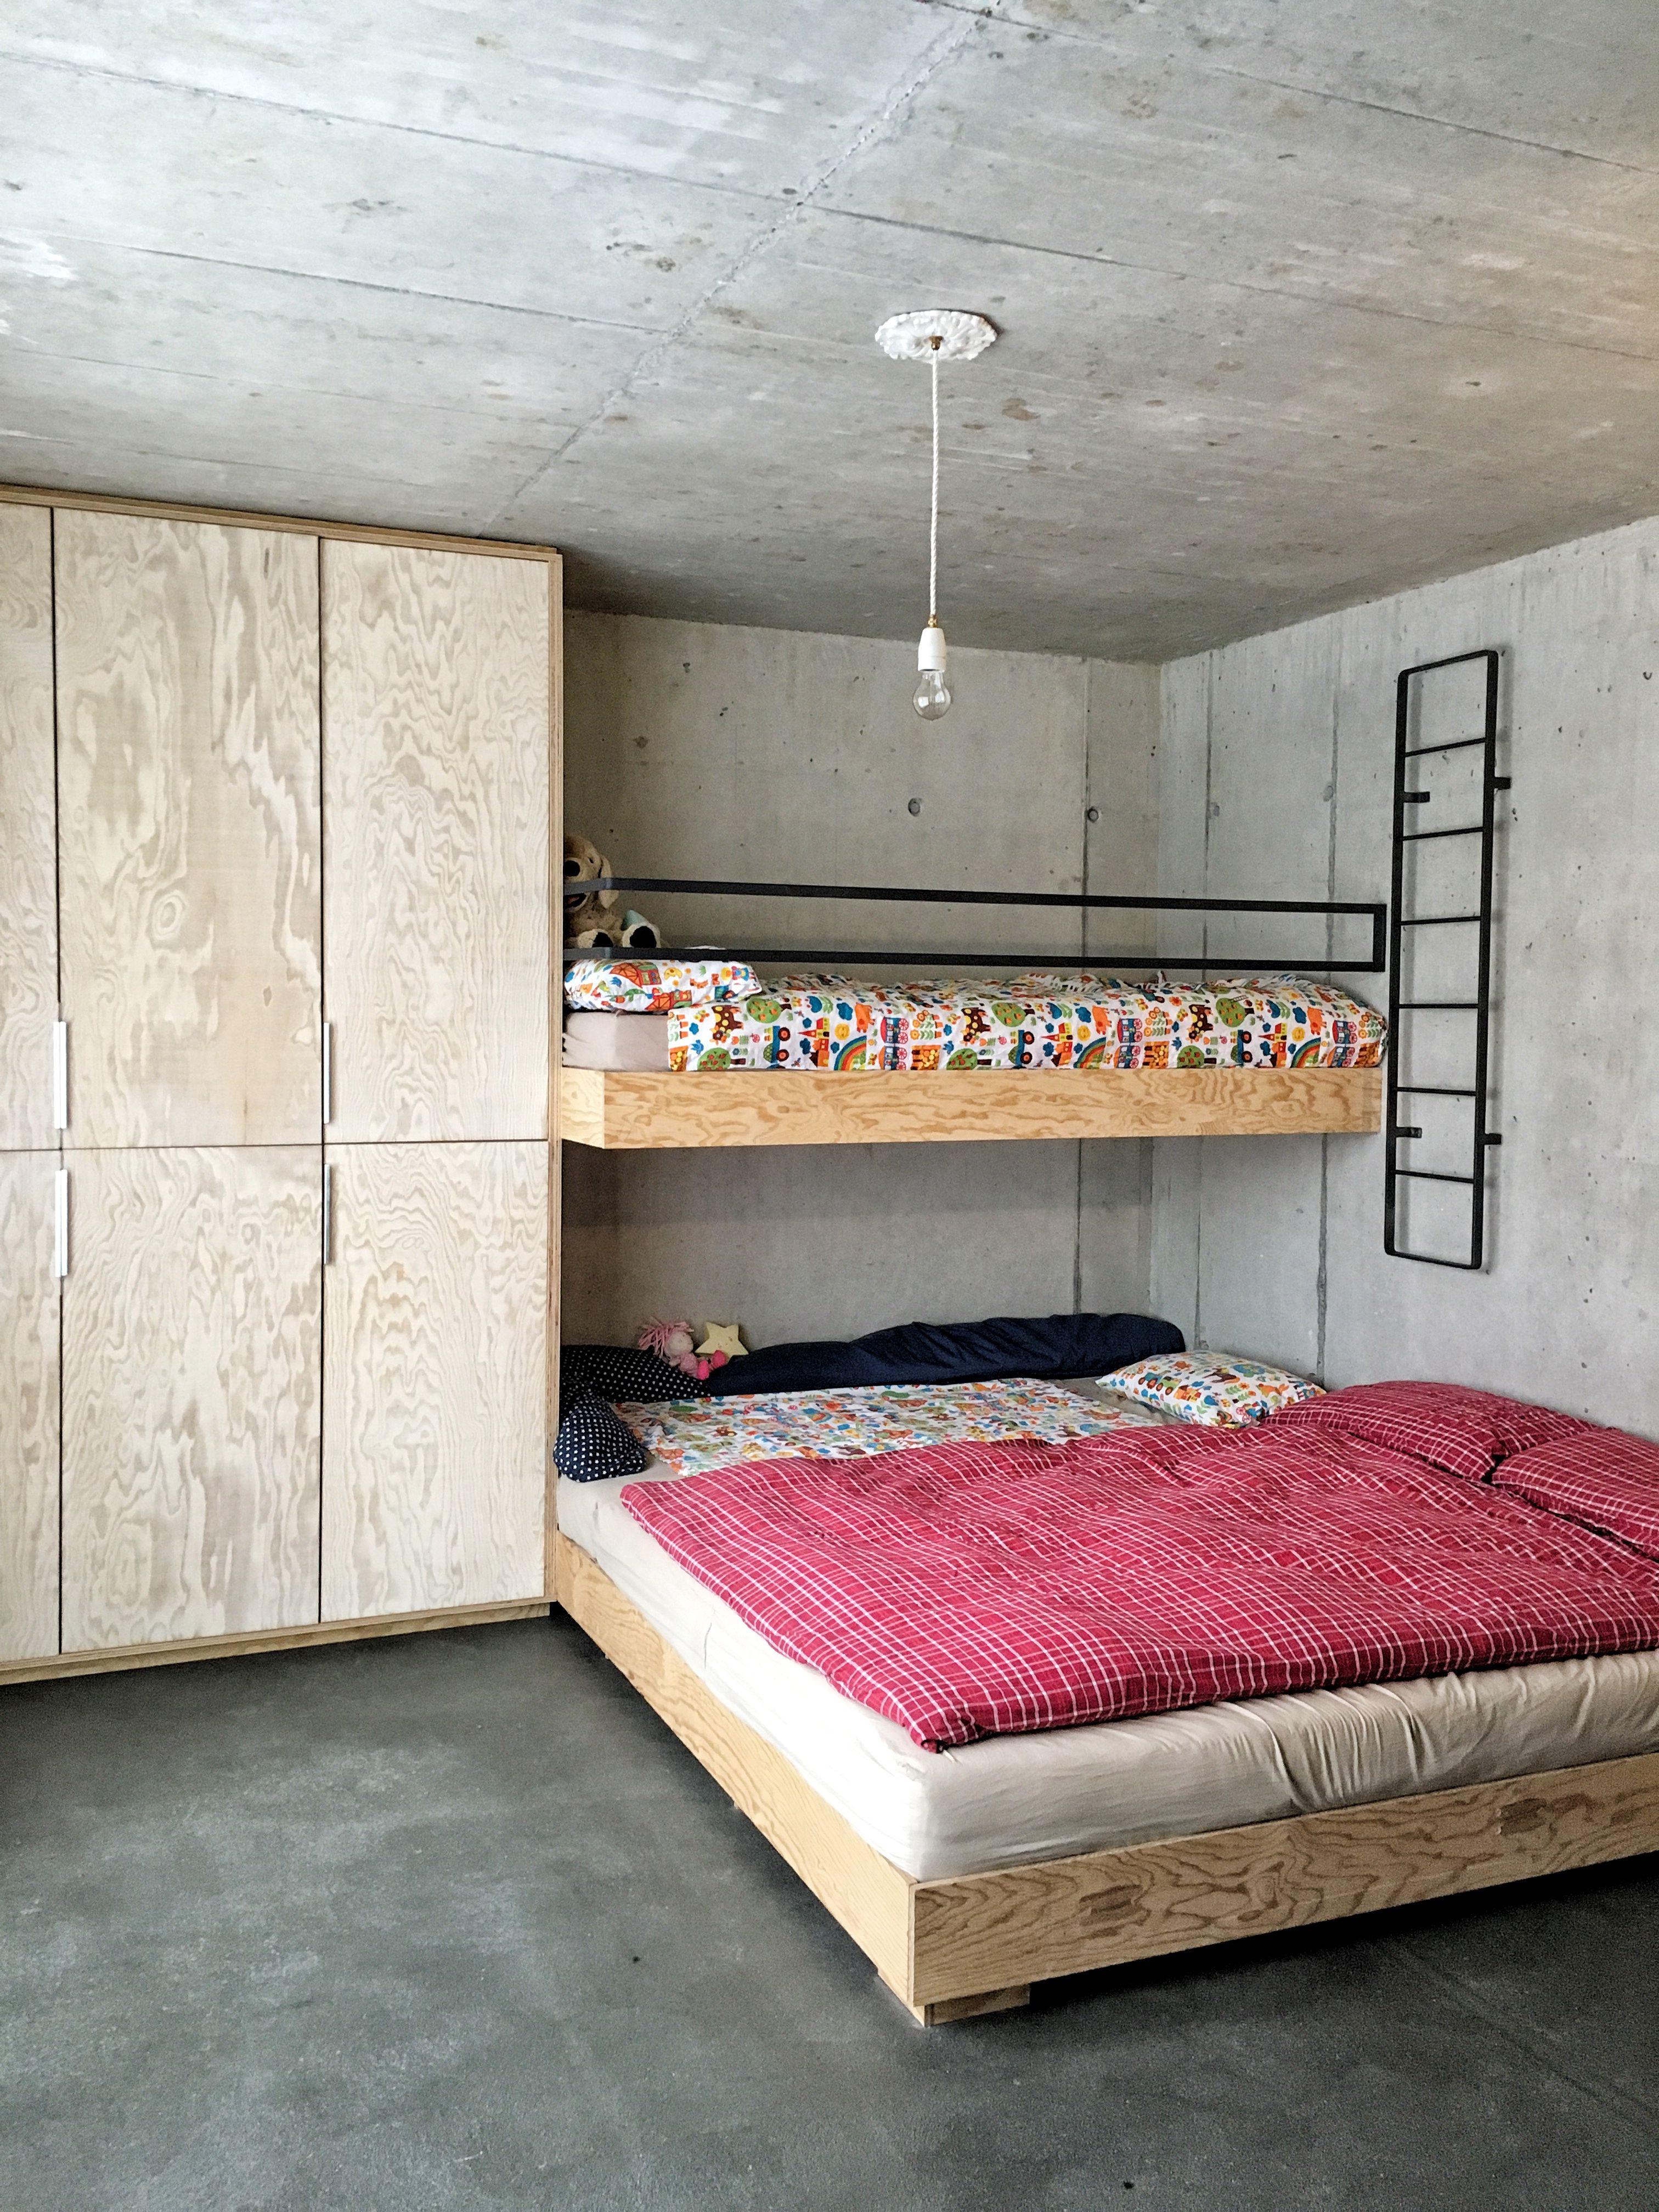 Luxus Hausrenovierung Tipps Fur Ein Minimalistisches Schlafzimmer